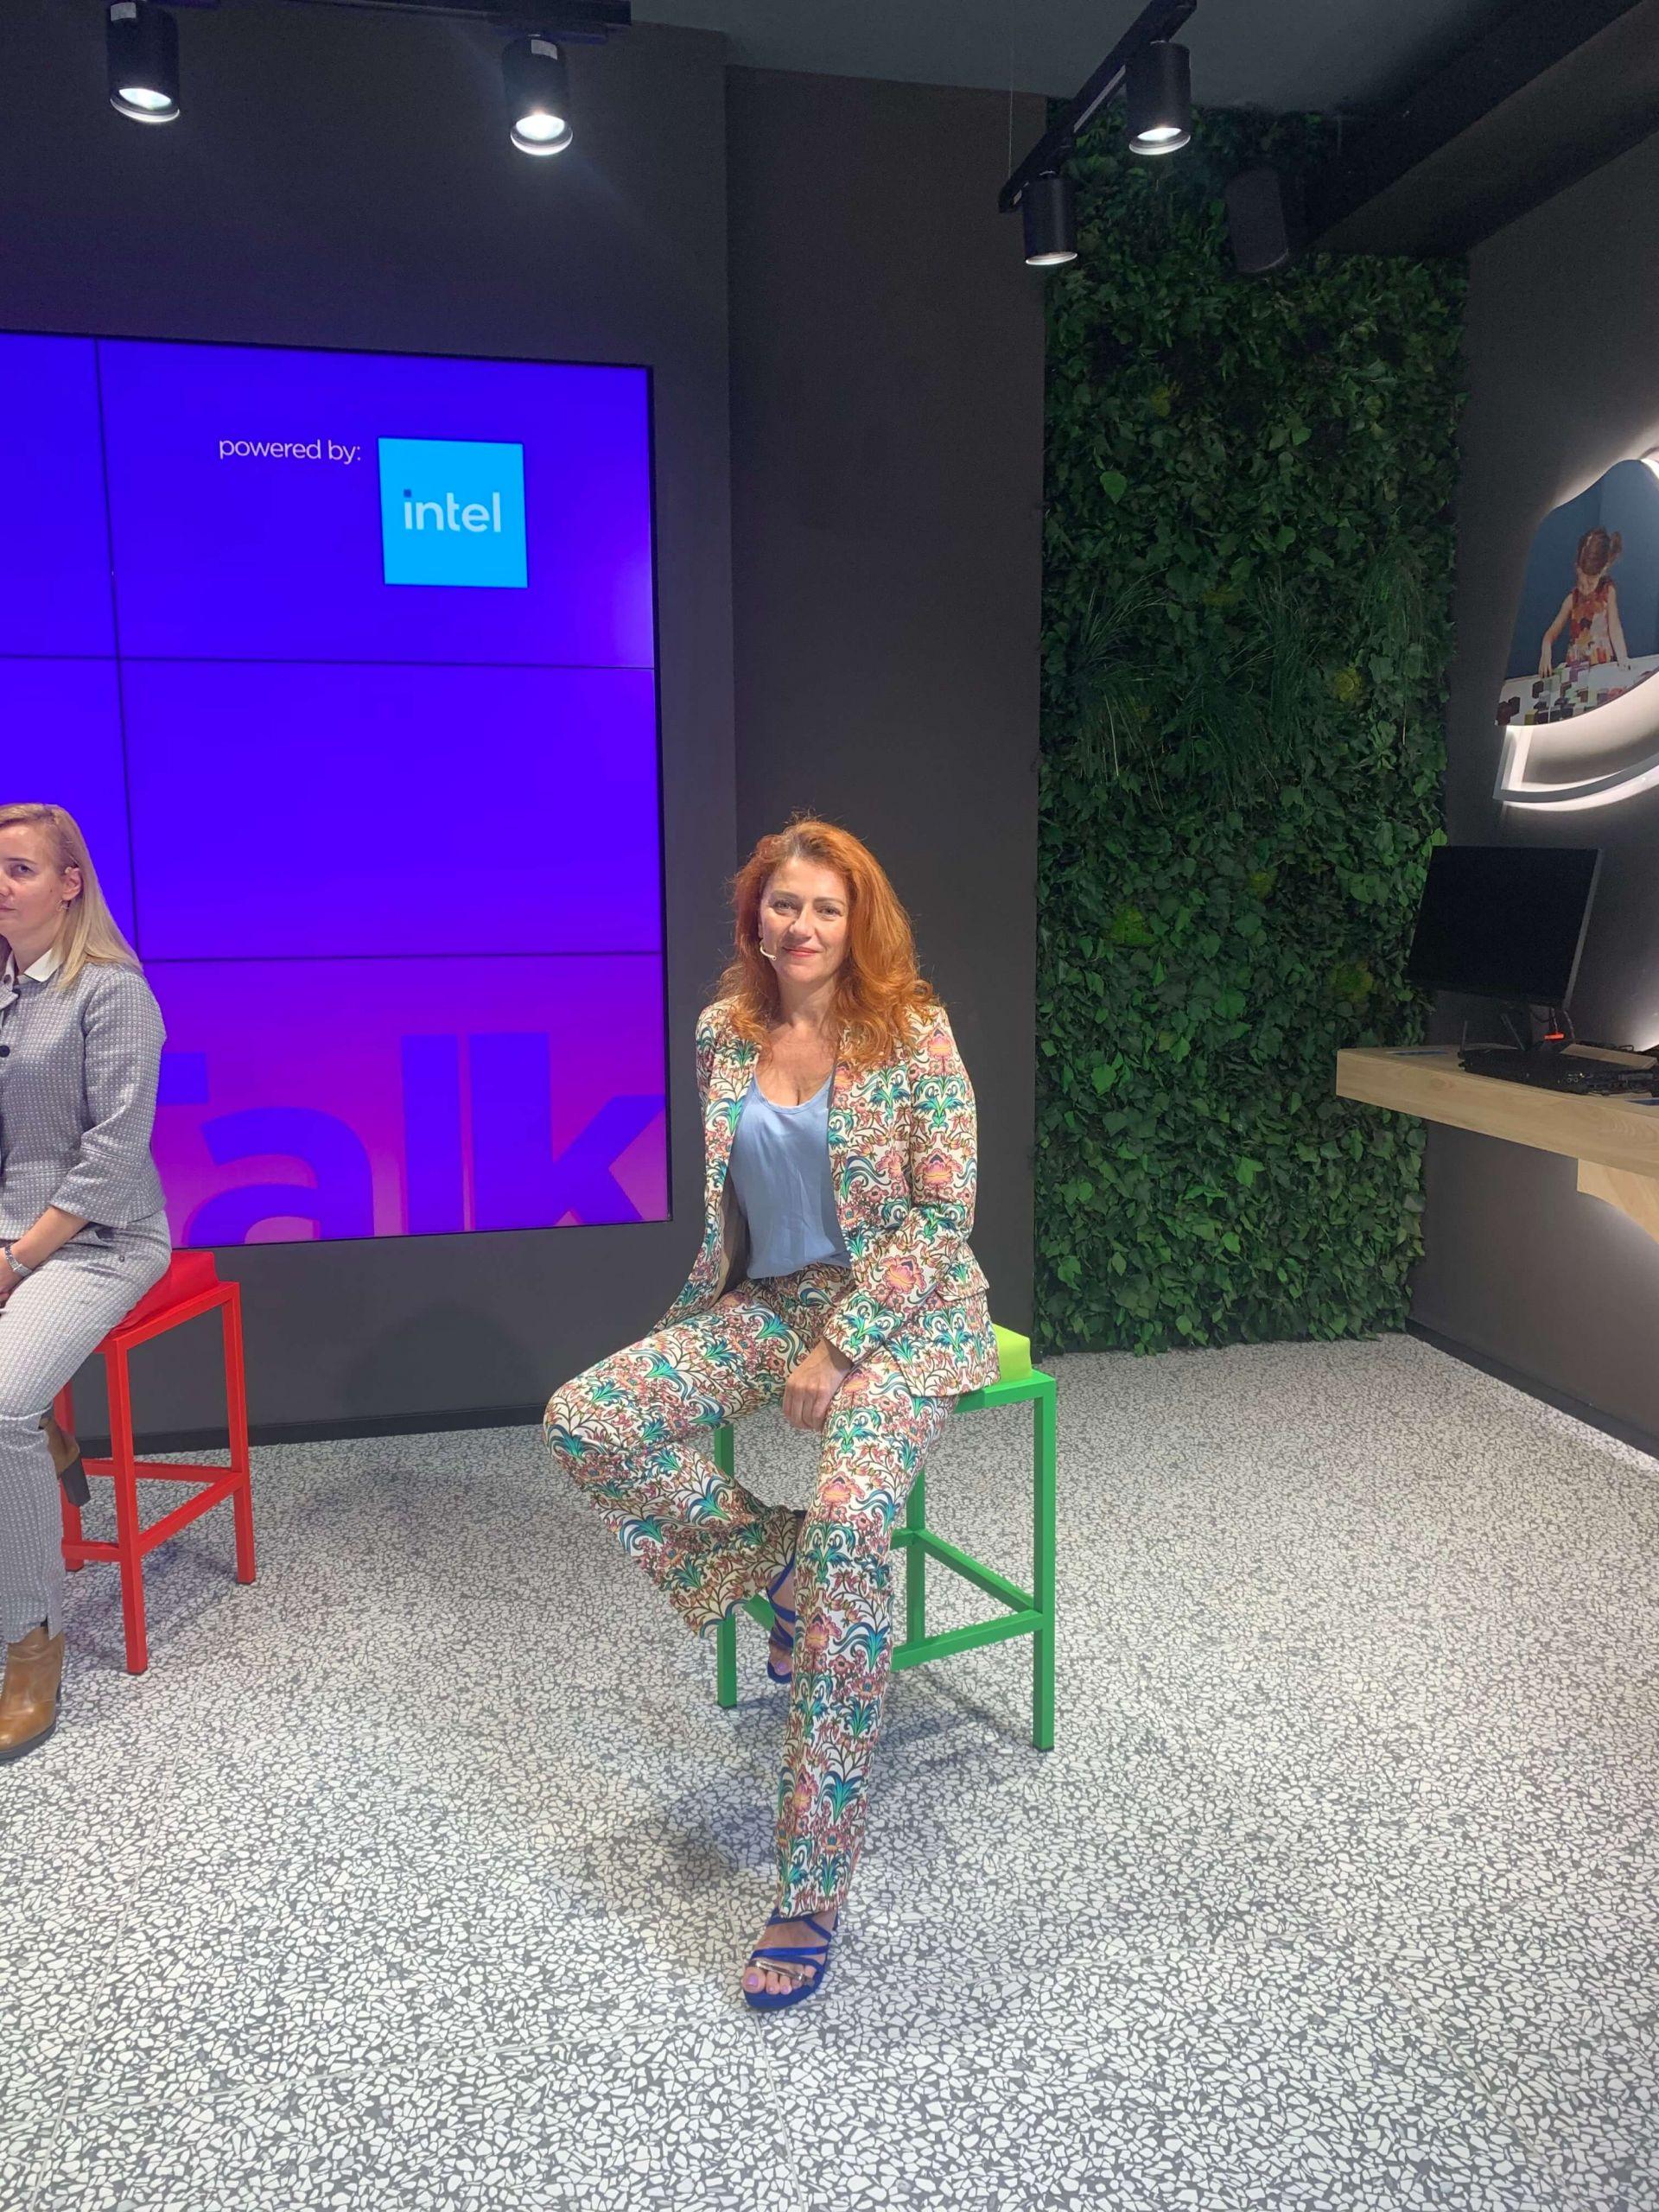 Intervistata su Stem e donne della scienza, nel nuovo spazio Lenovo di Milano…